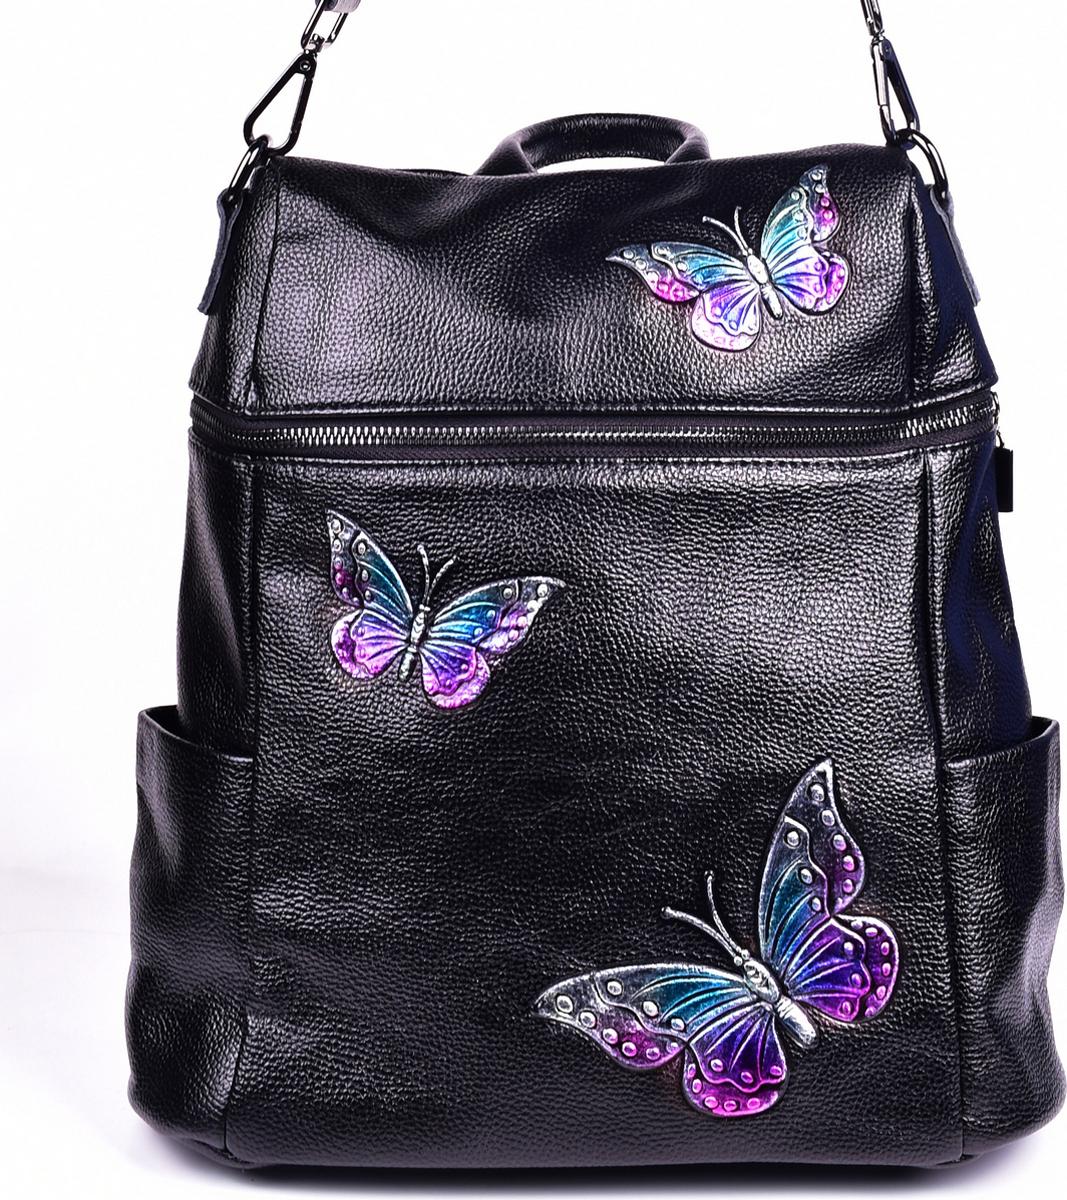 Сумка-рюкзак женская Baggini, цвет: черный. 28182/10